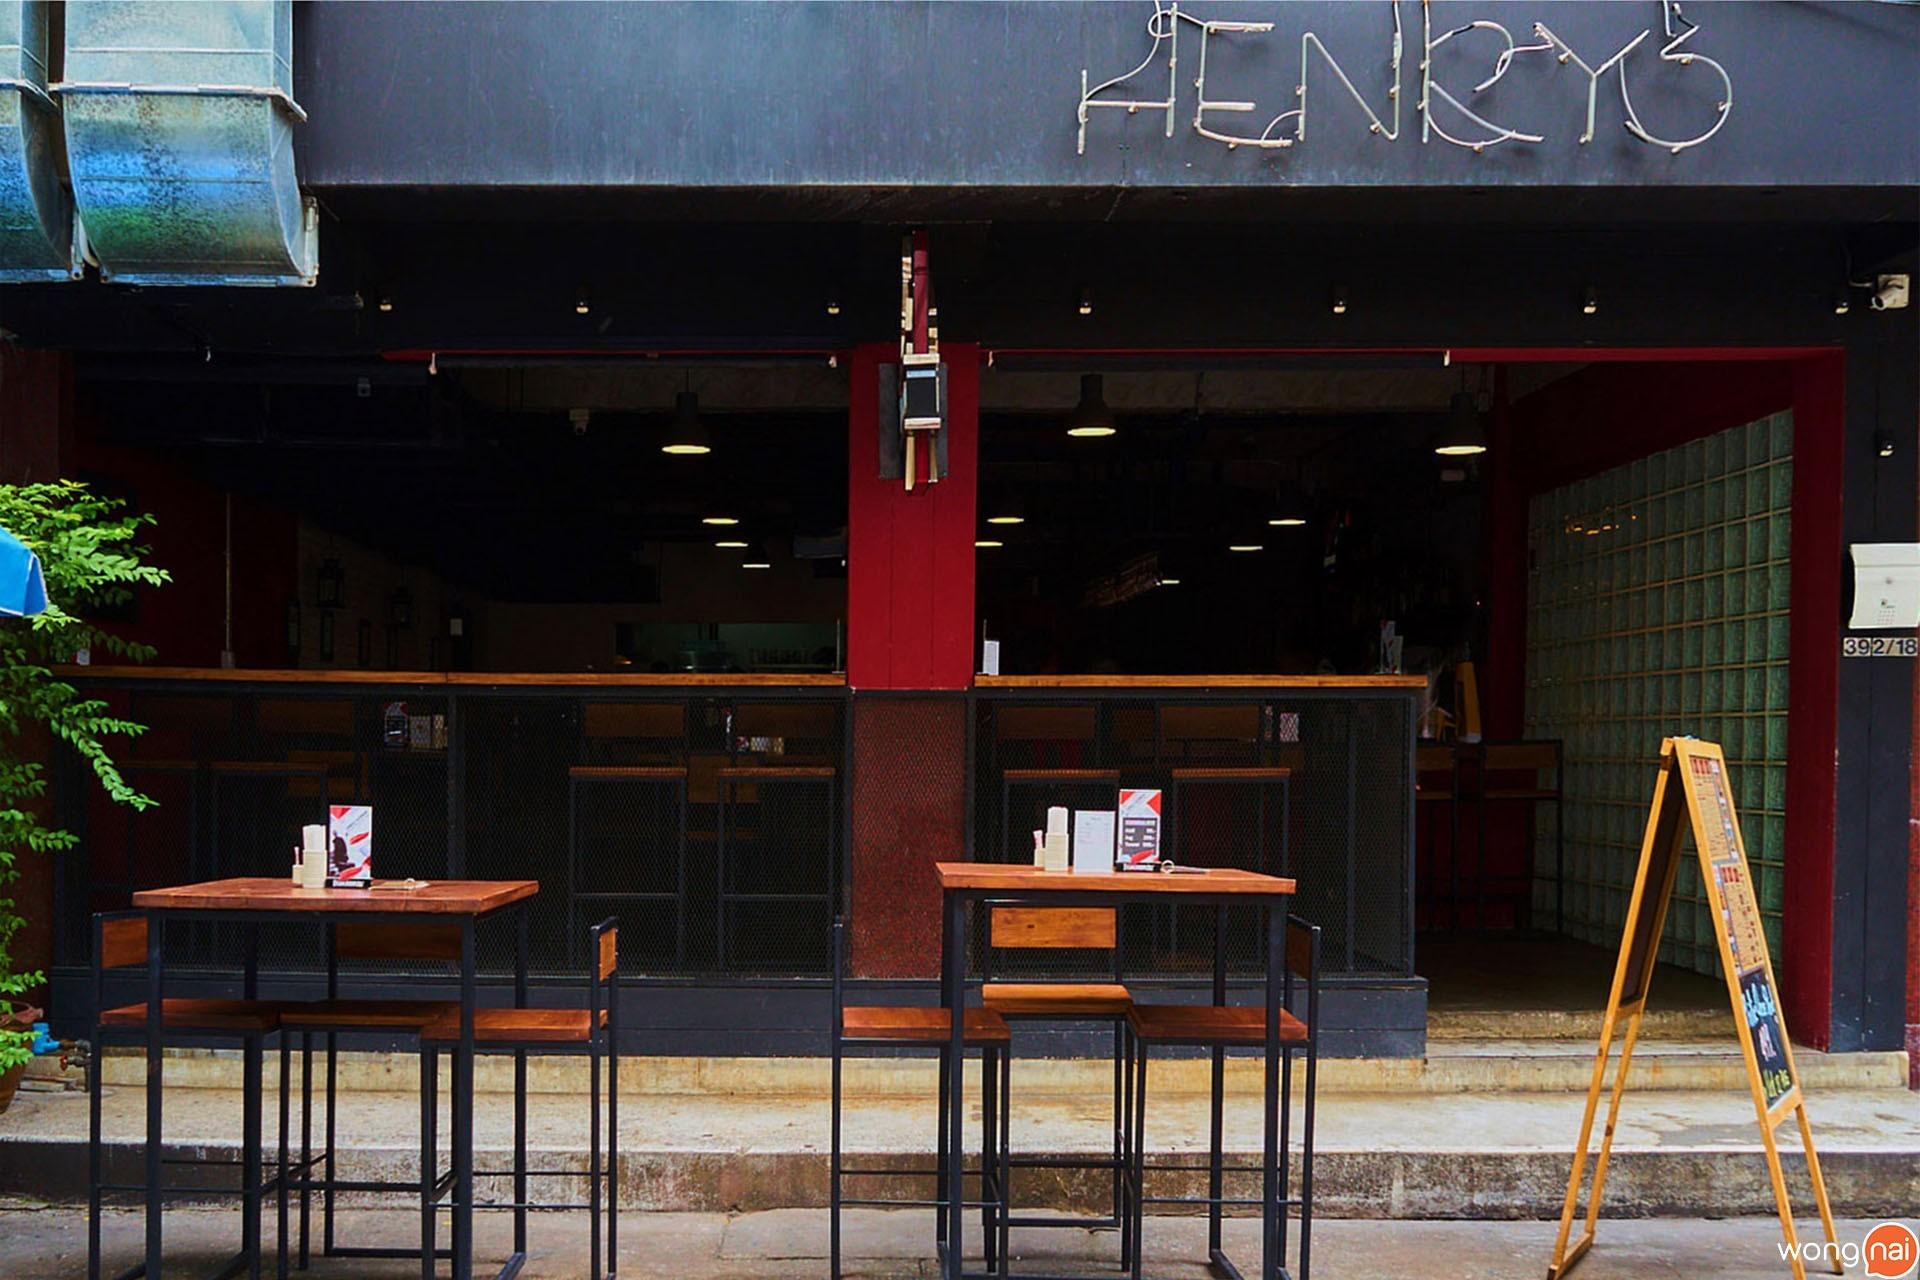 บรรยากาศหน้าร้าน ของร้าน Henry's Gastro Pub